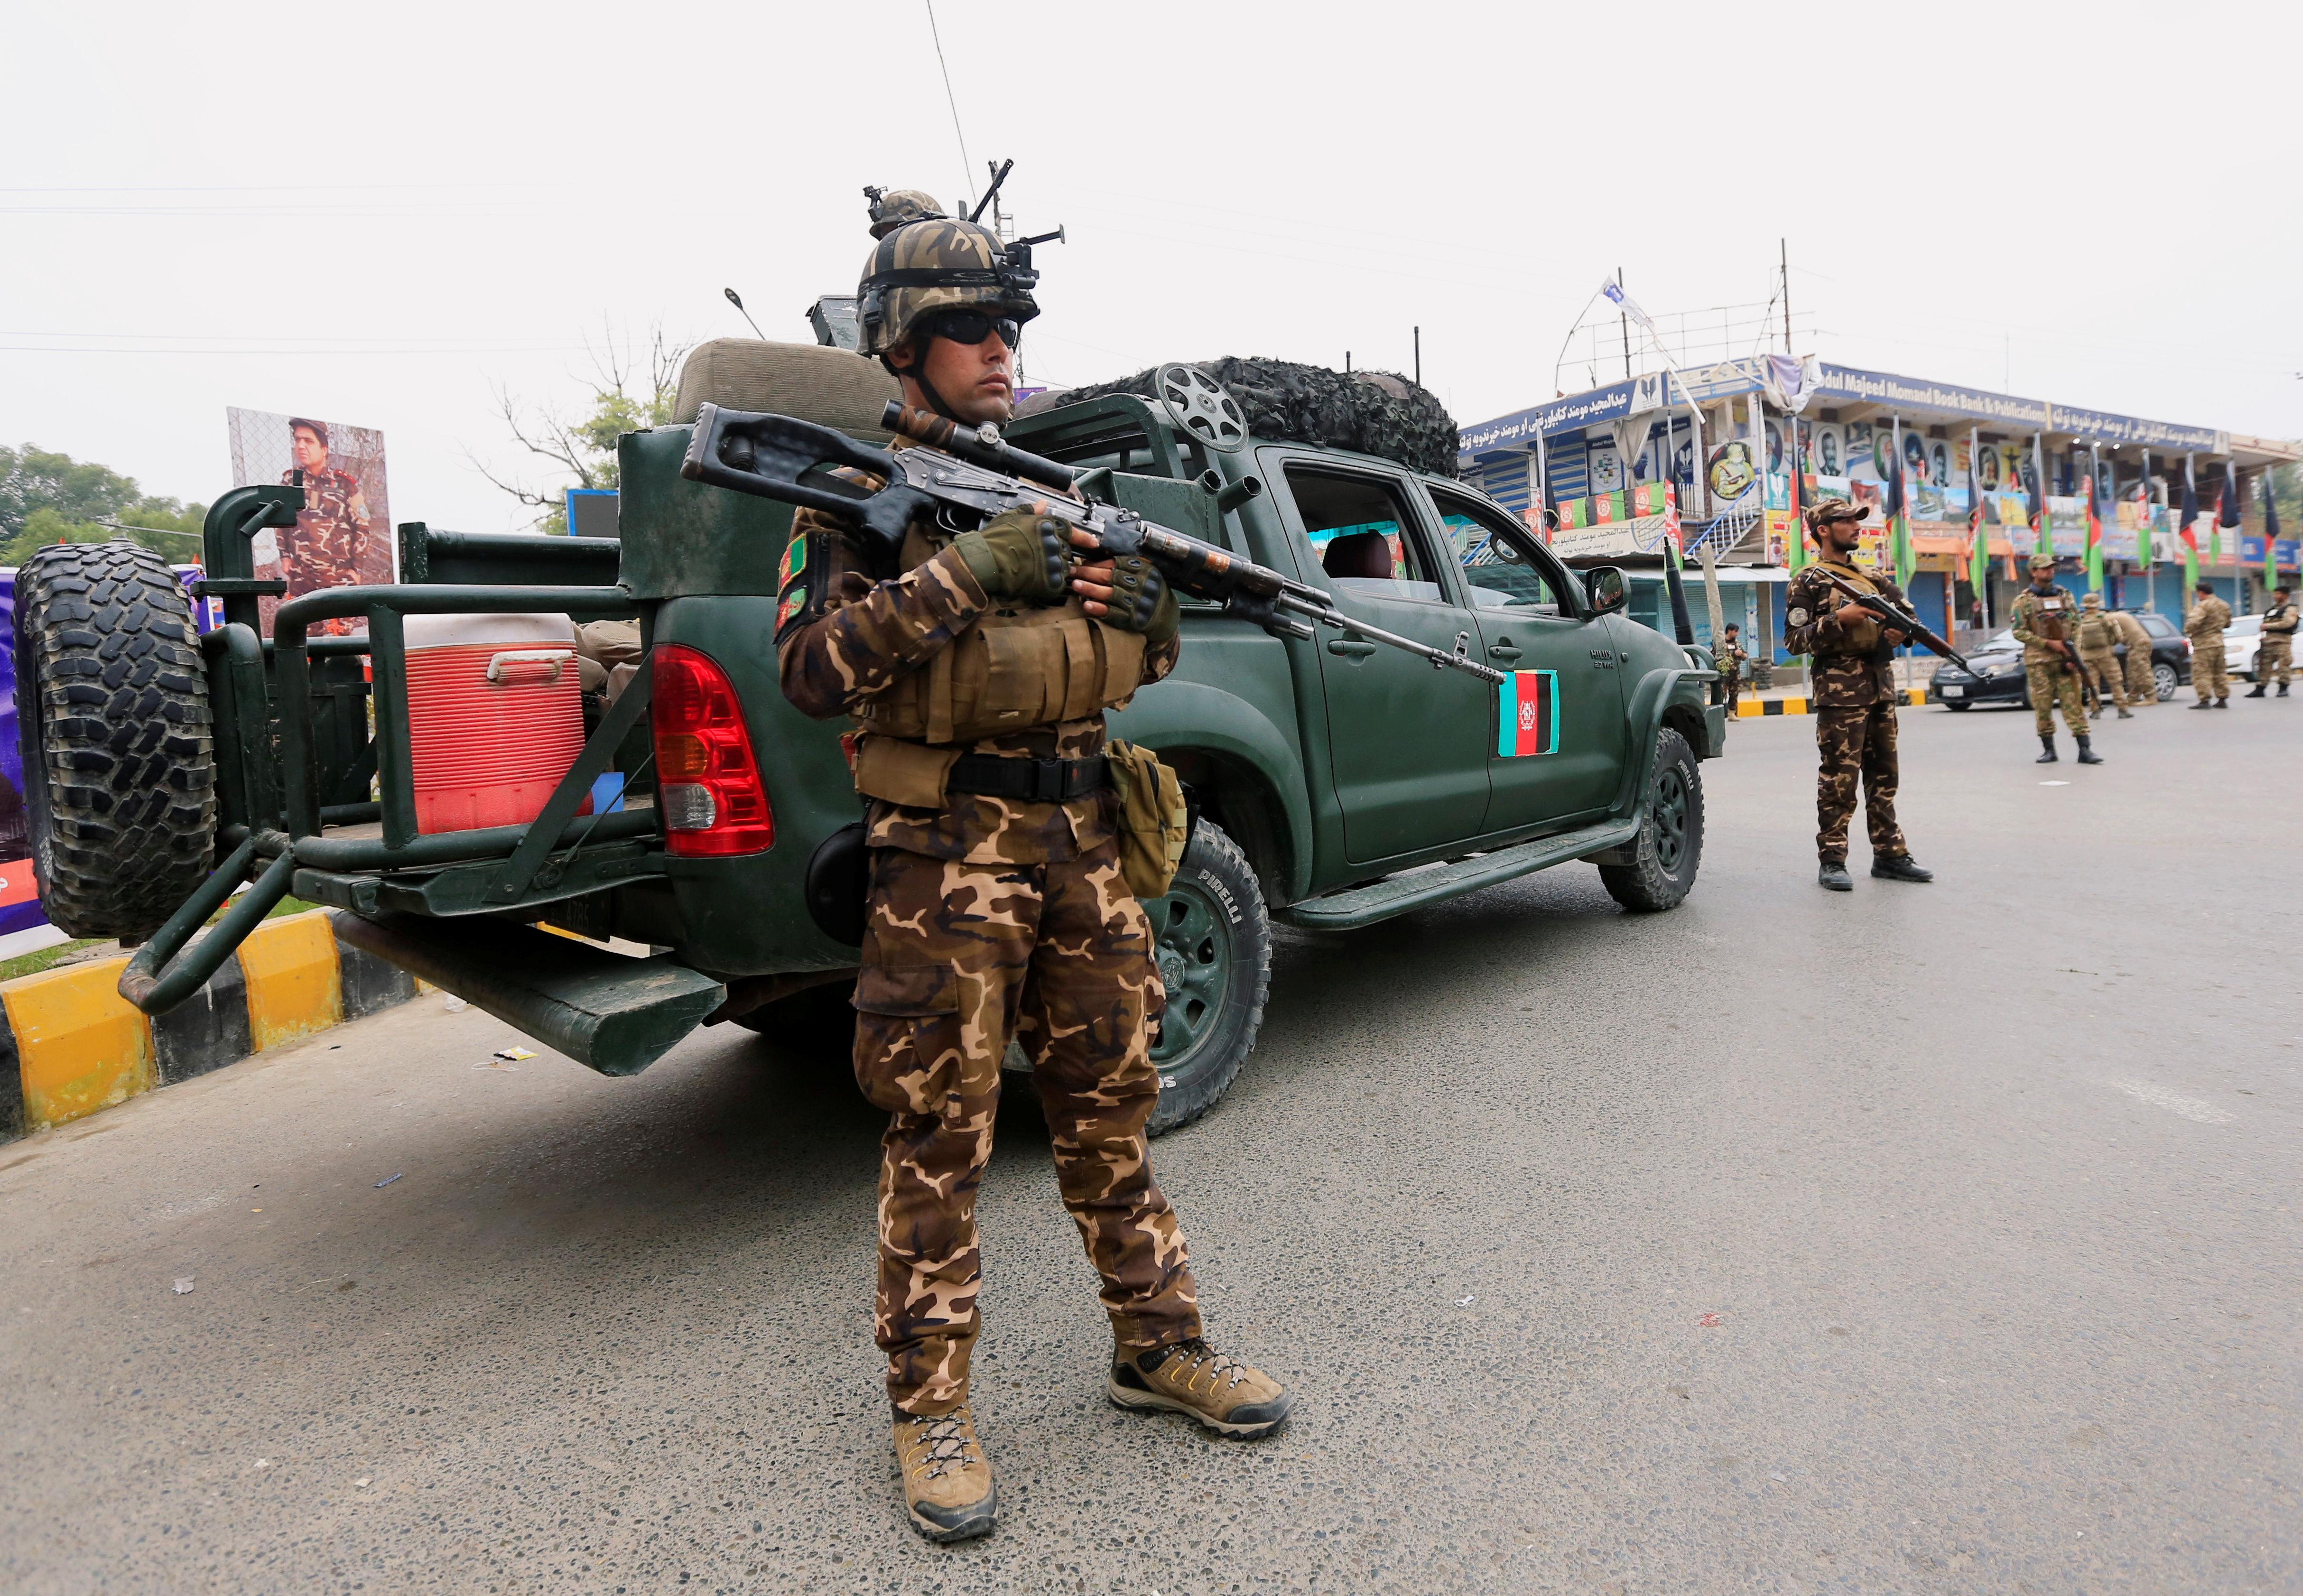 Αφγανιστάν: Οι Ταλιμπάν πίσω από τις επιθέσεις σε εκλογικά κέντρα